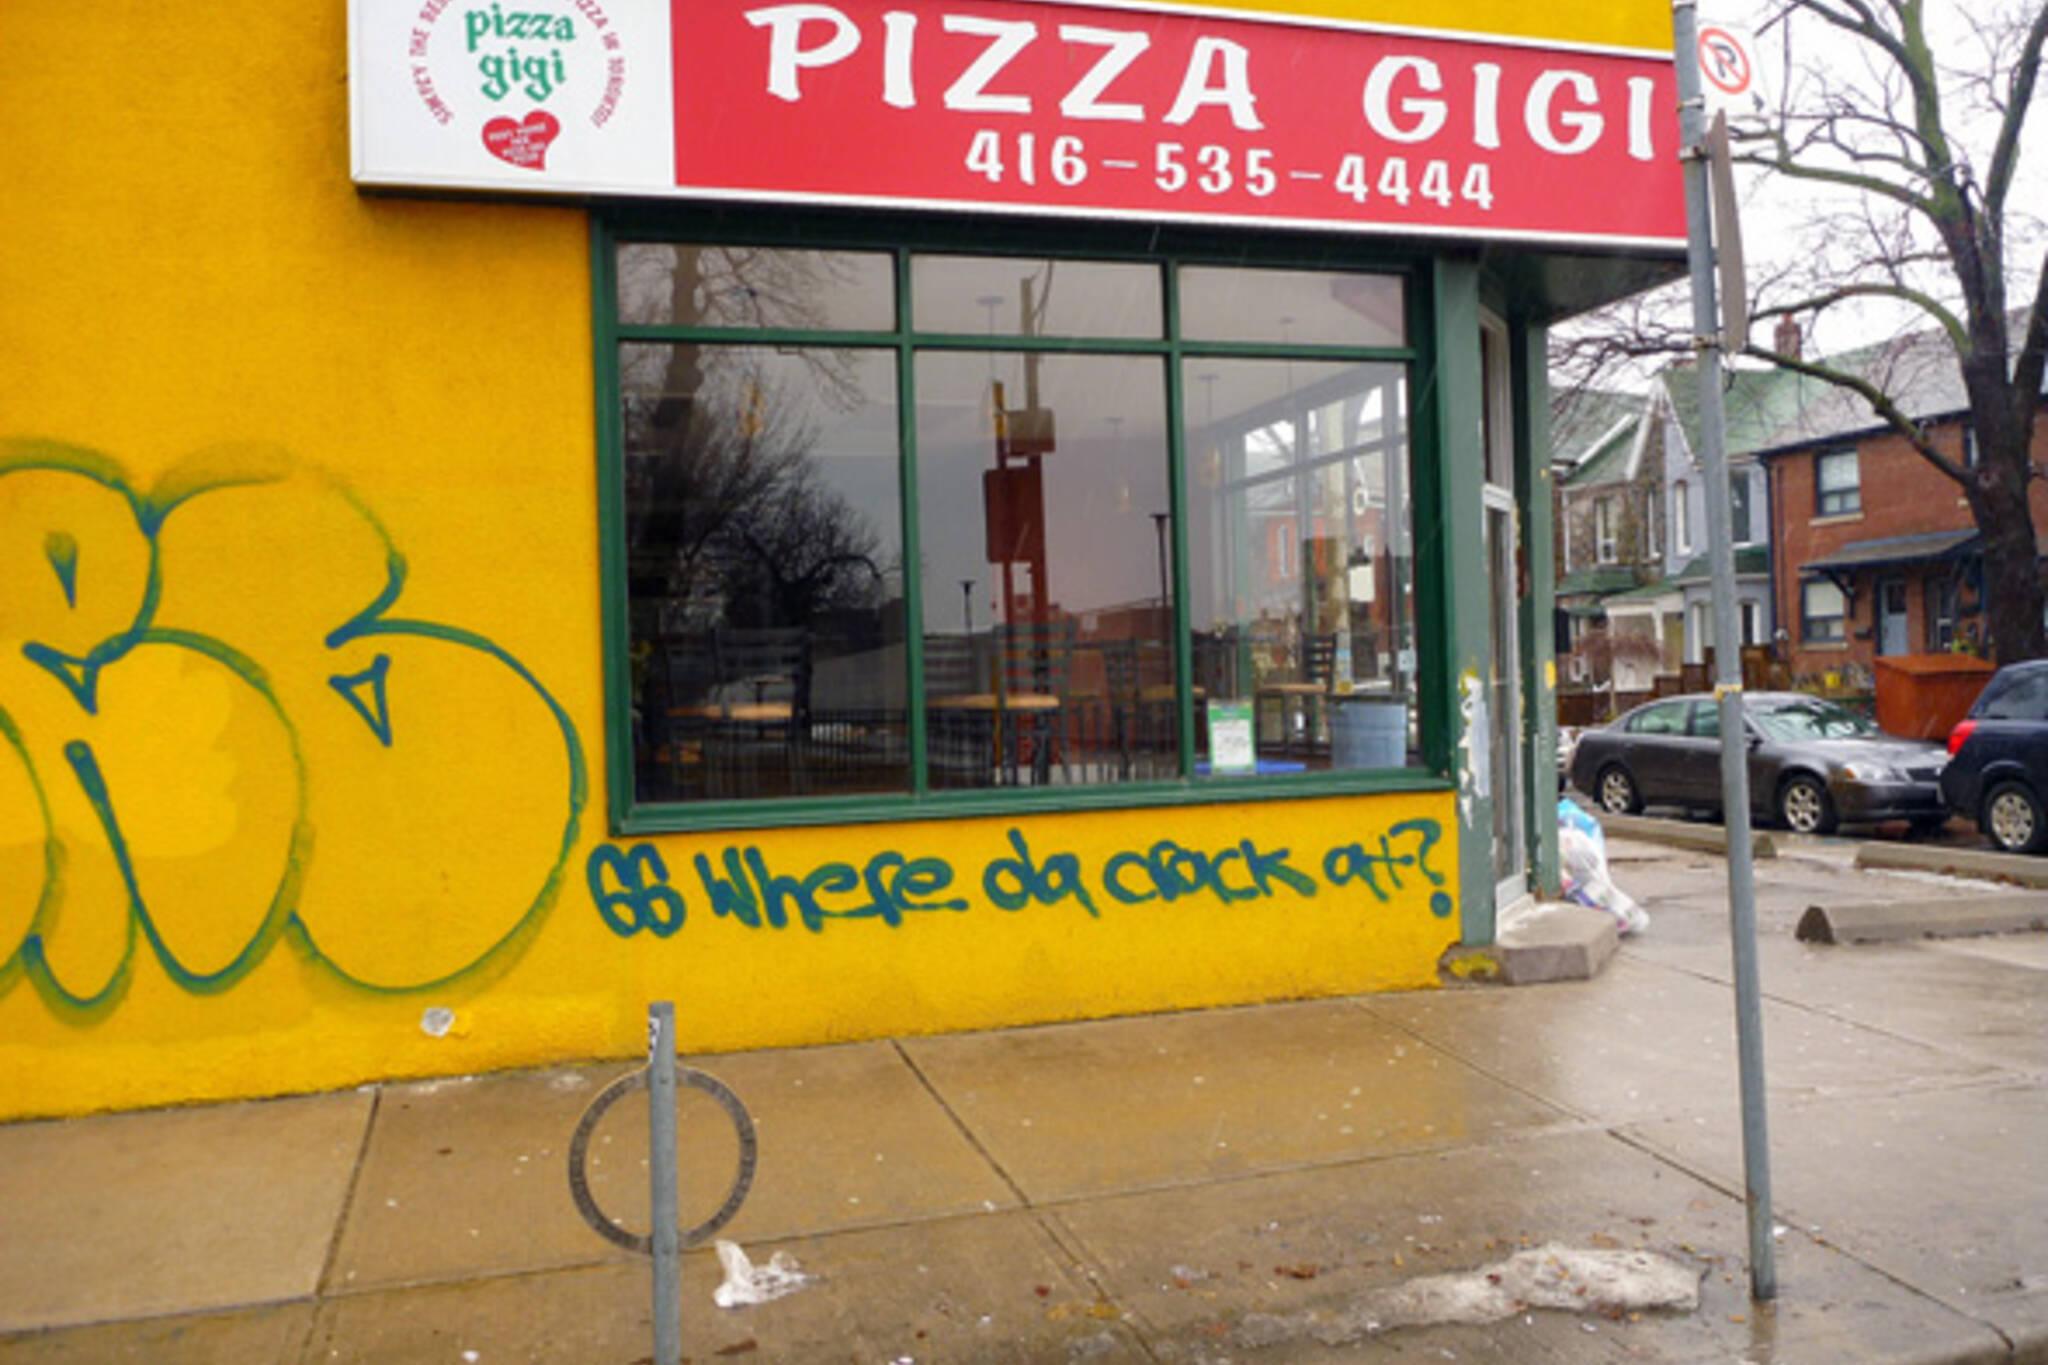 Pizza Gigi graffiti